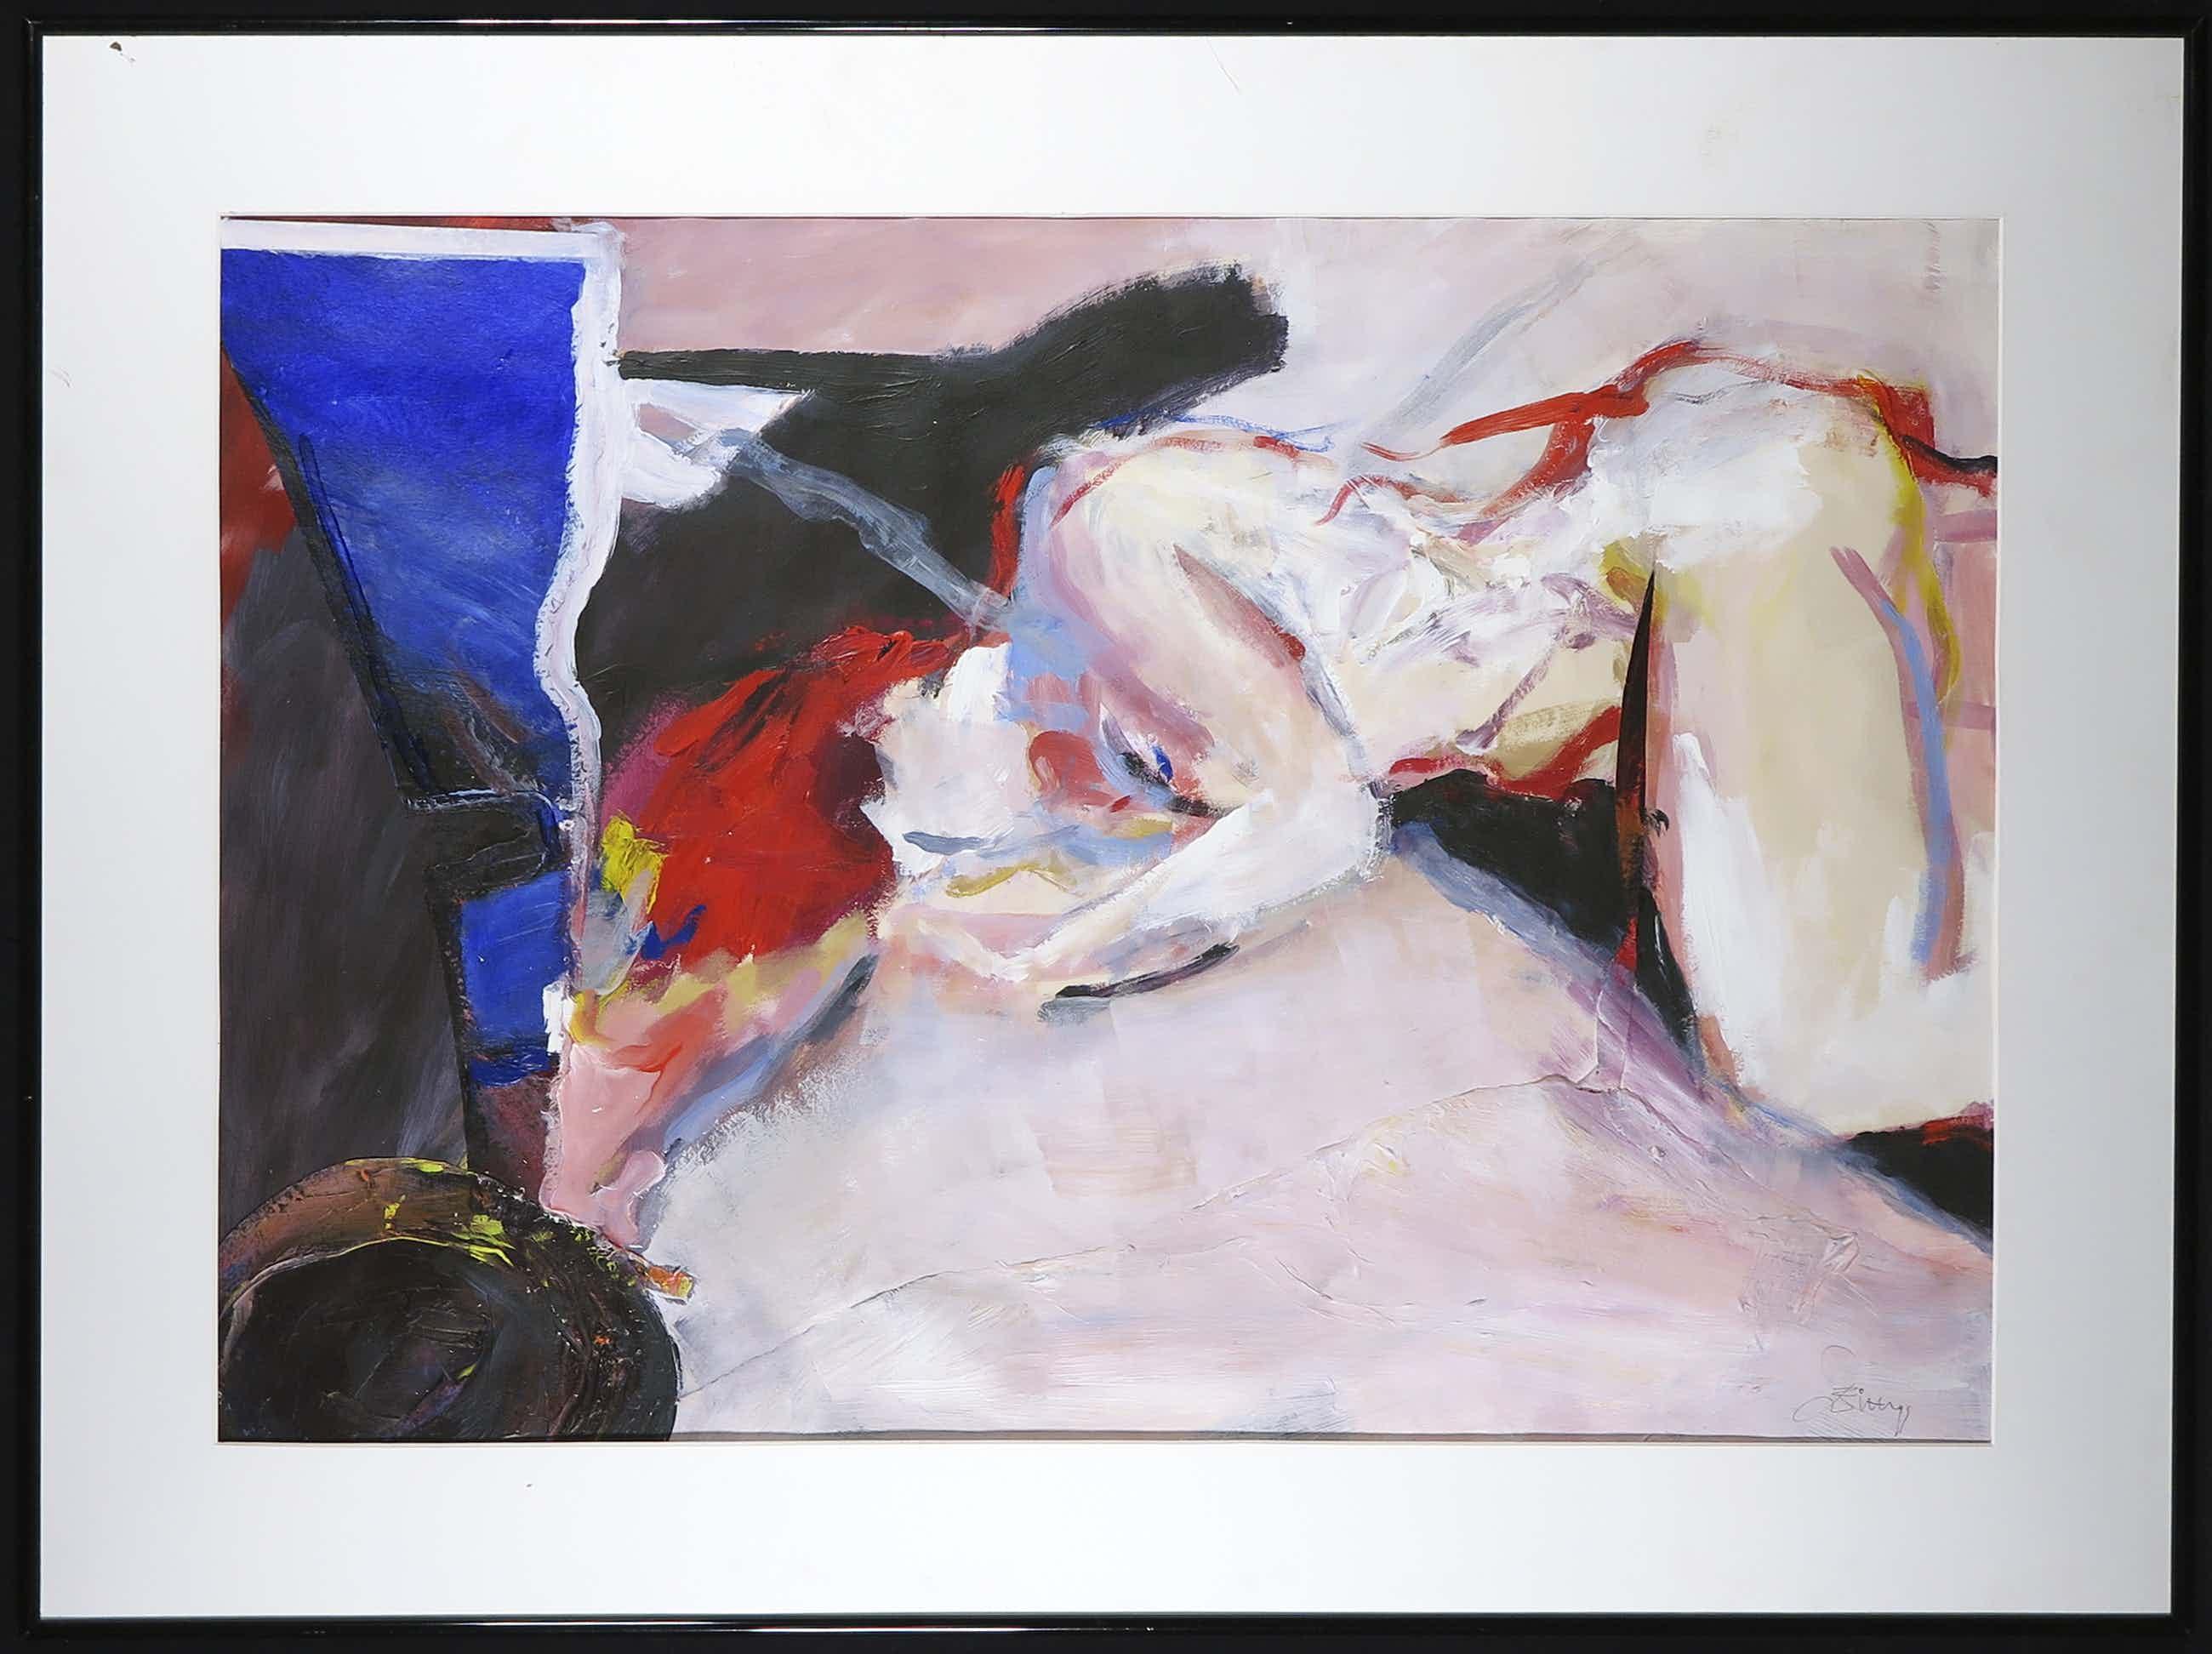 Franscz Witte - Acryl en collage op papier, Tegenstelling - Ingelijst (Groot) kopen? Bied vanaf 80!